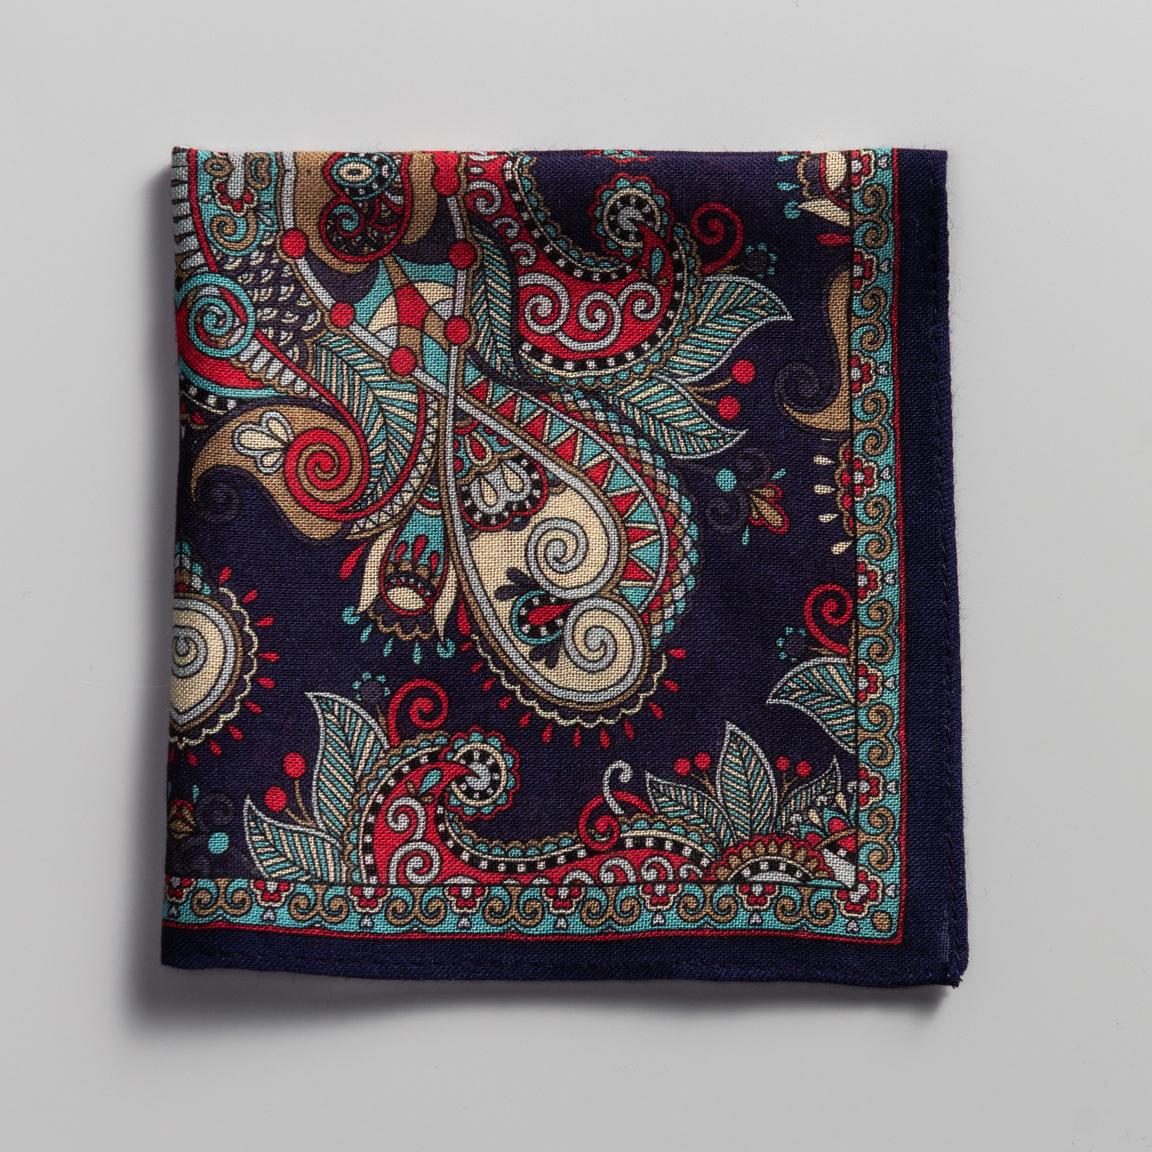 Mouchoir de poche avec des motifs orientaux